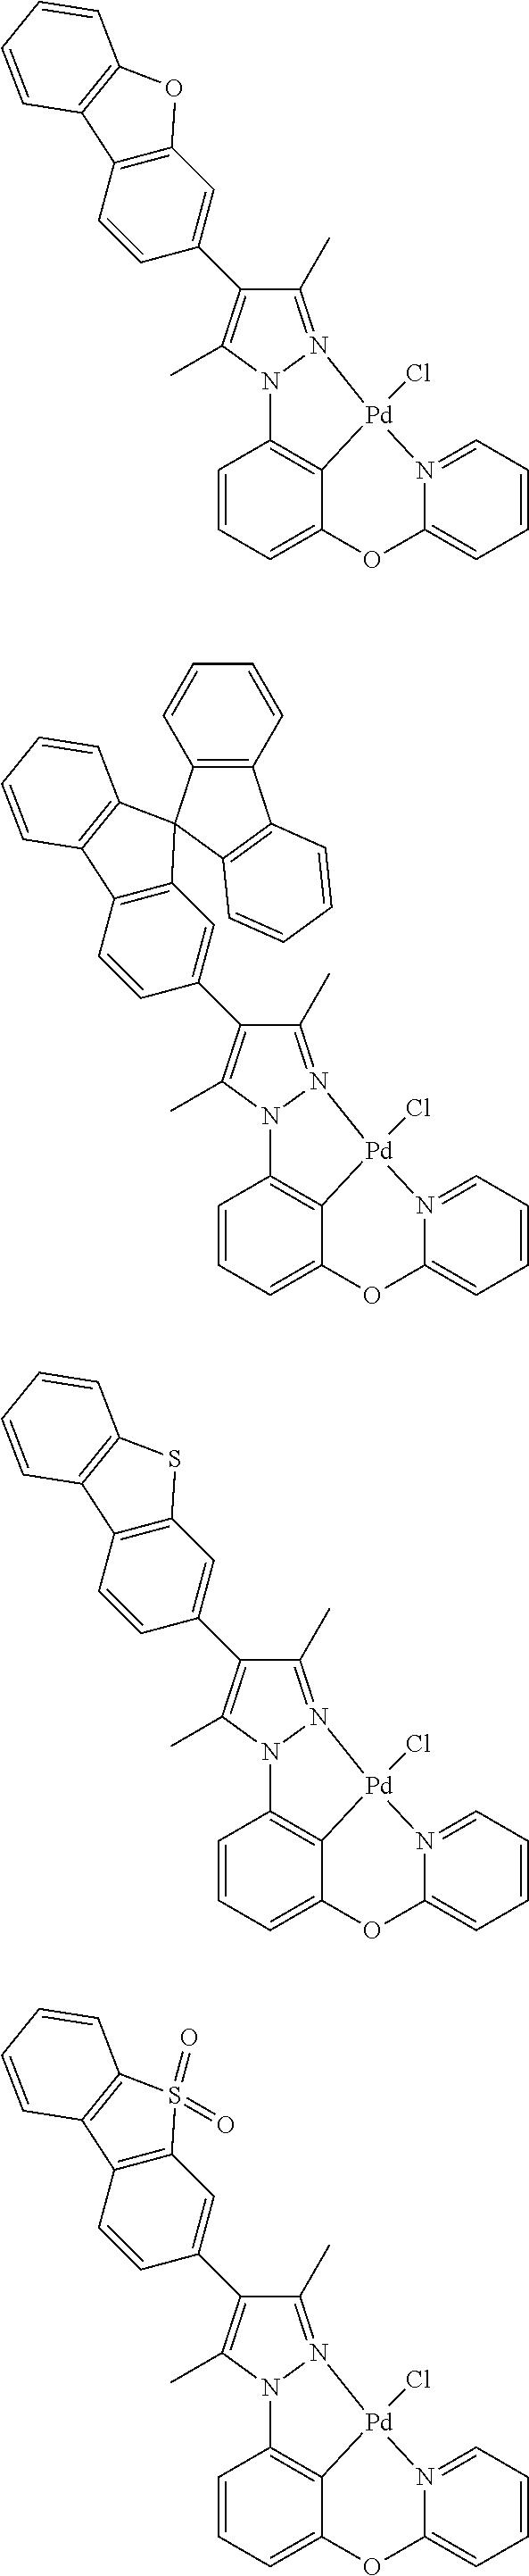 Figure US09818959-20171114-C00172